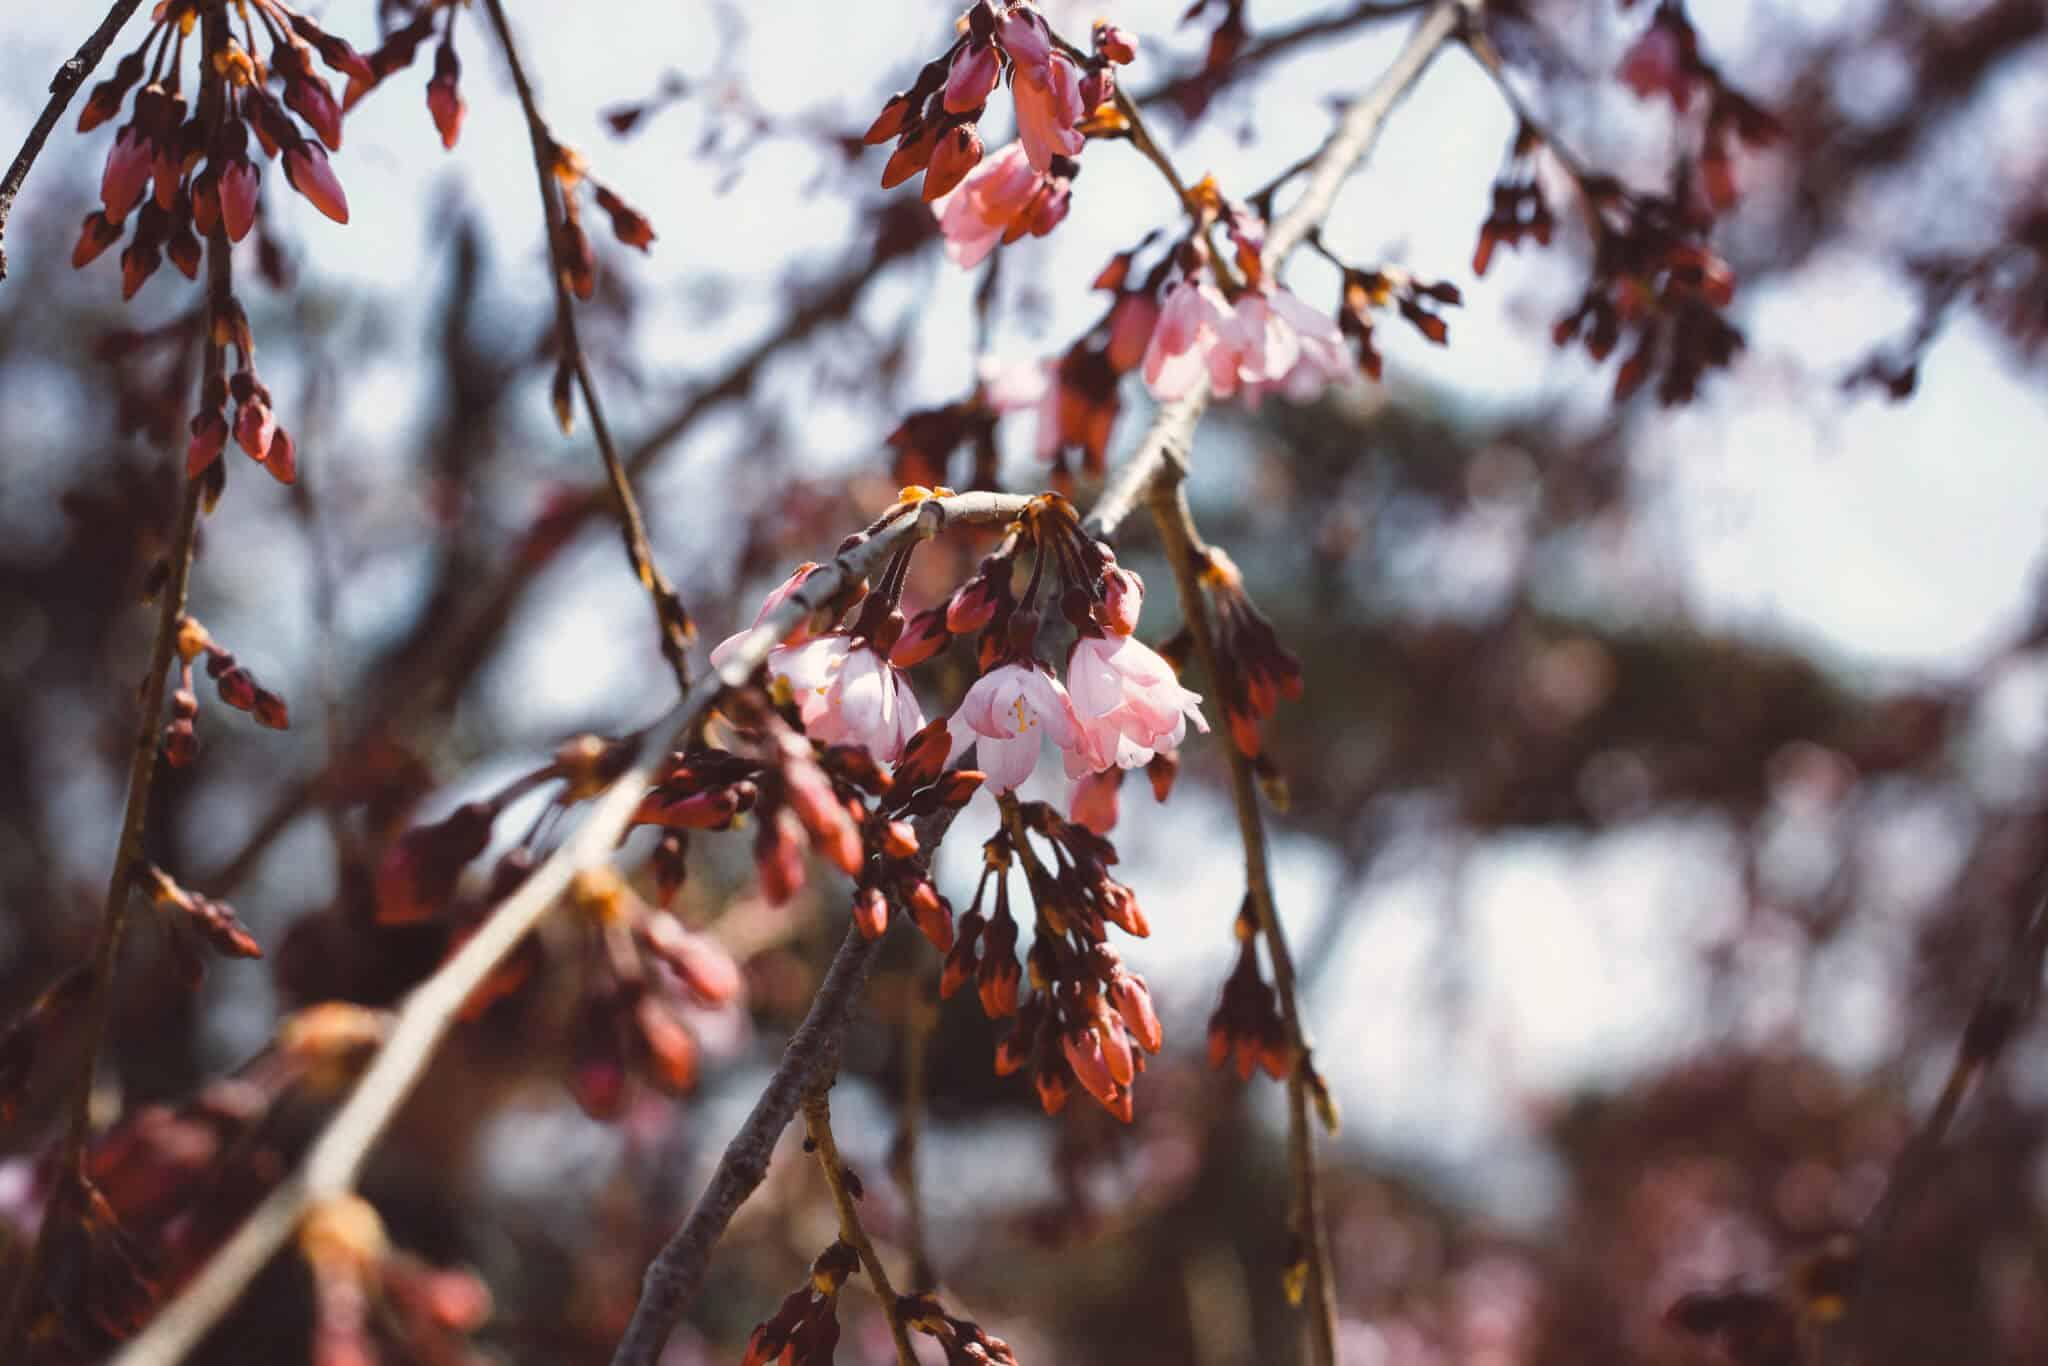 Lundi de pentec te ouverture exceptionnelle de votre fleuriste - Magasin ouvert lundi de pentecote ...